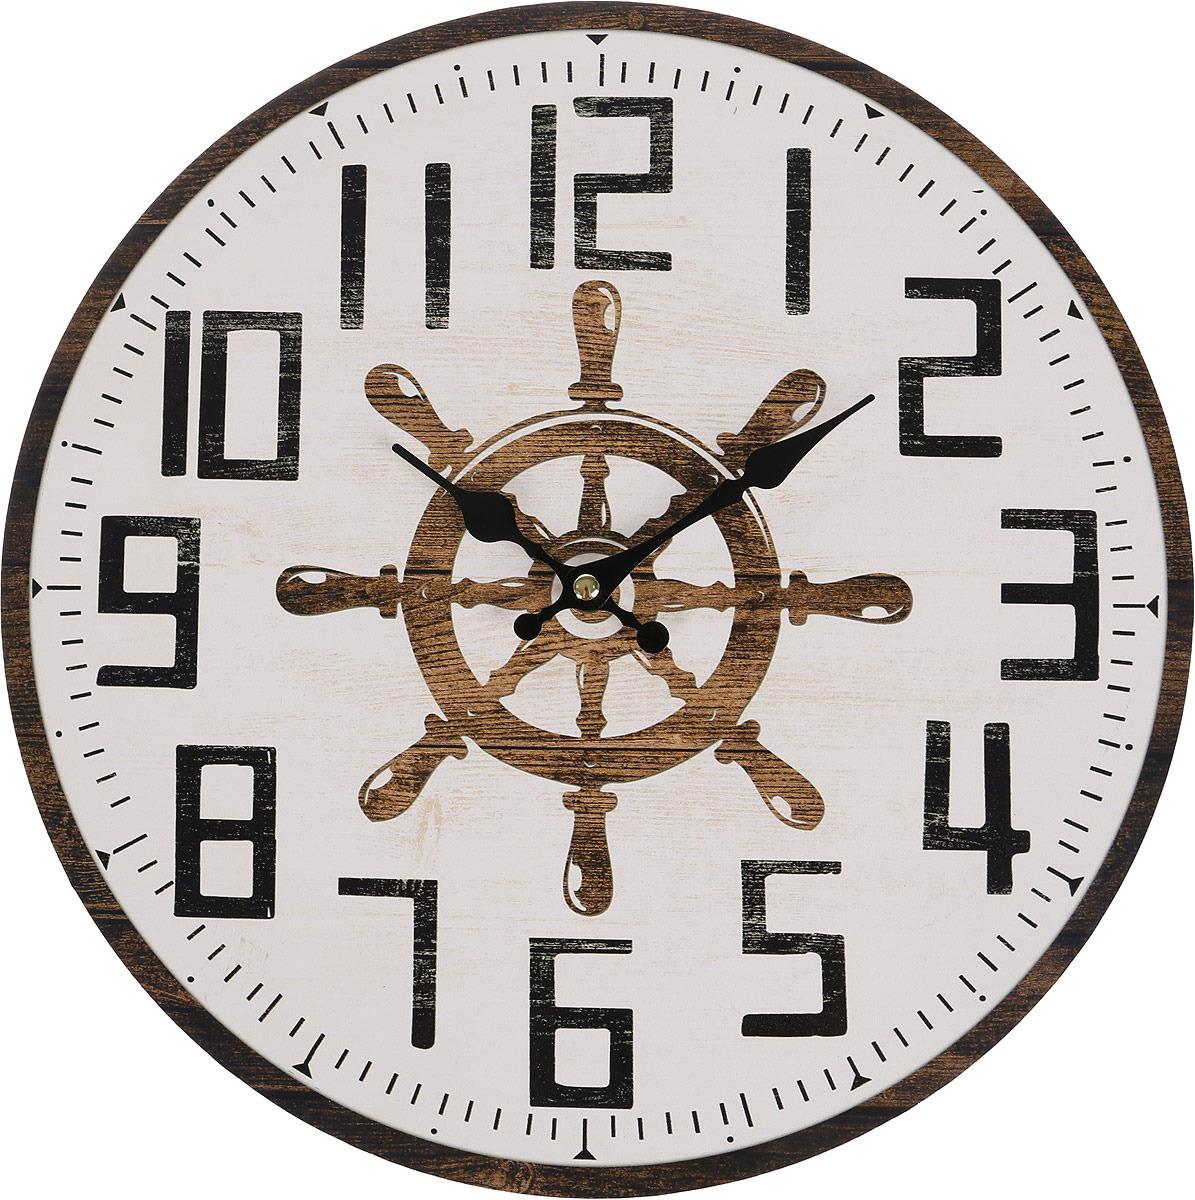 Настенные часы Русские подарки, 138638, мультиколор, 34 х 34 см все цены